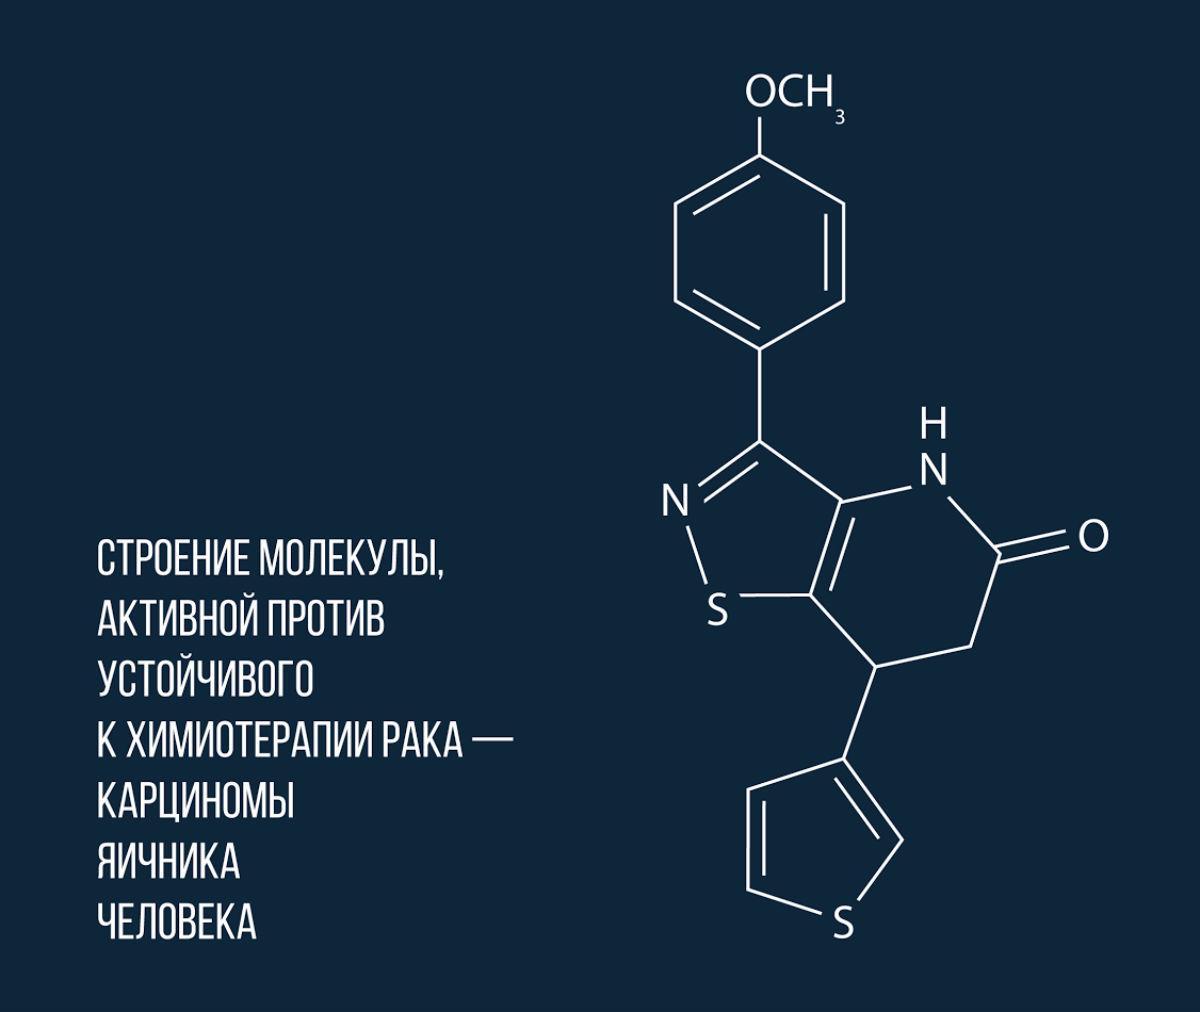 российские химики синтезировали молекулу, которая поборется с устойчивым к химиотерапии раком